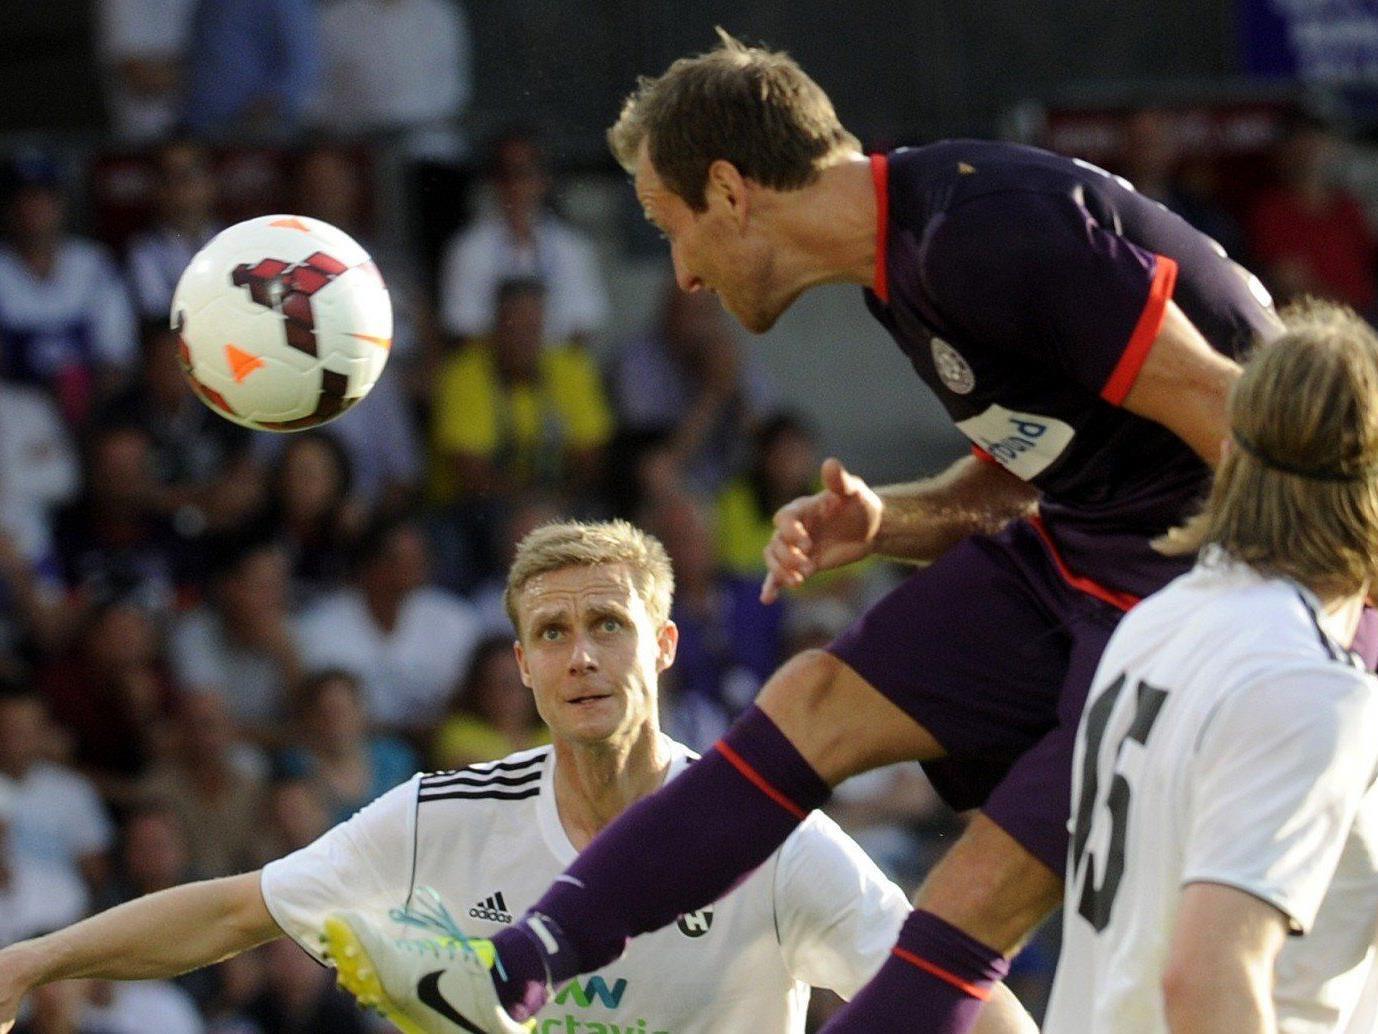 Das sind die Meinungen zum Champions League-Match zwischen Austria Wien und Hafnarfjördur.